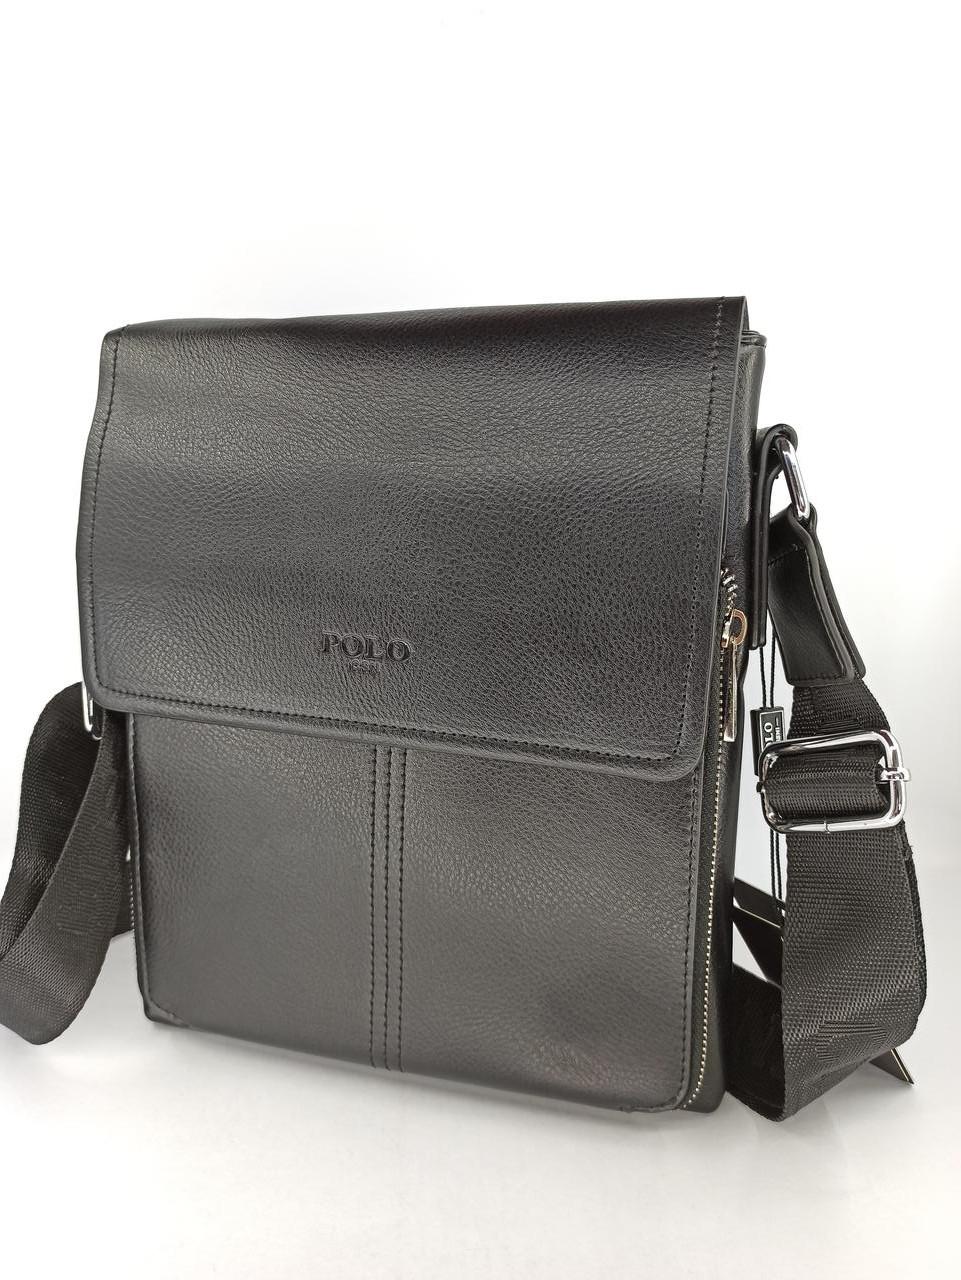 Мужская кожаная сумка планшет через плечо Polo 88857-3